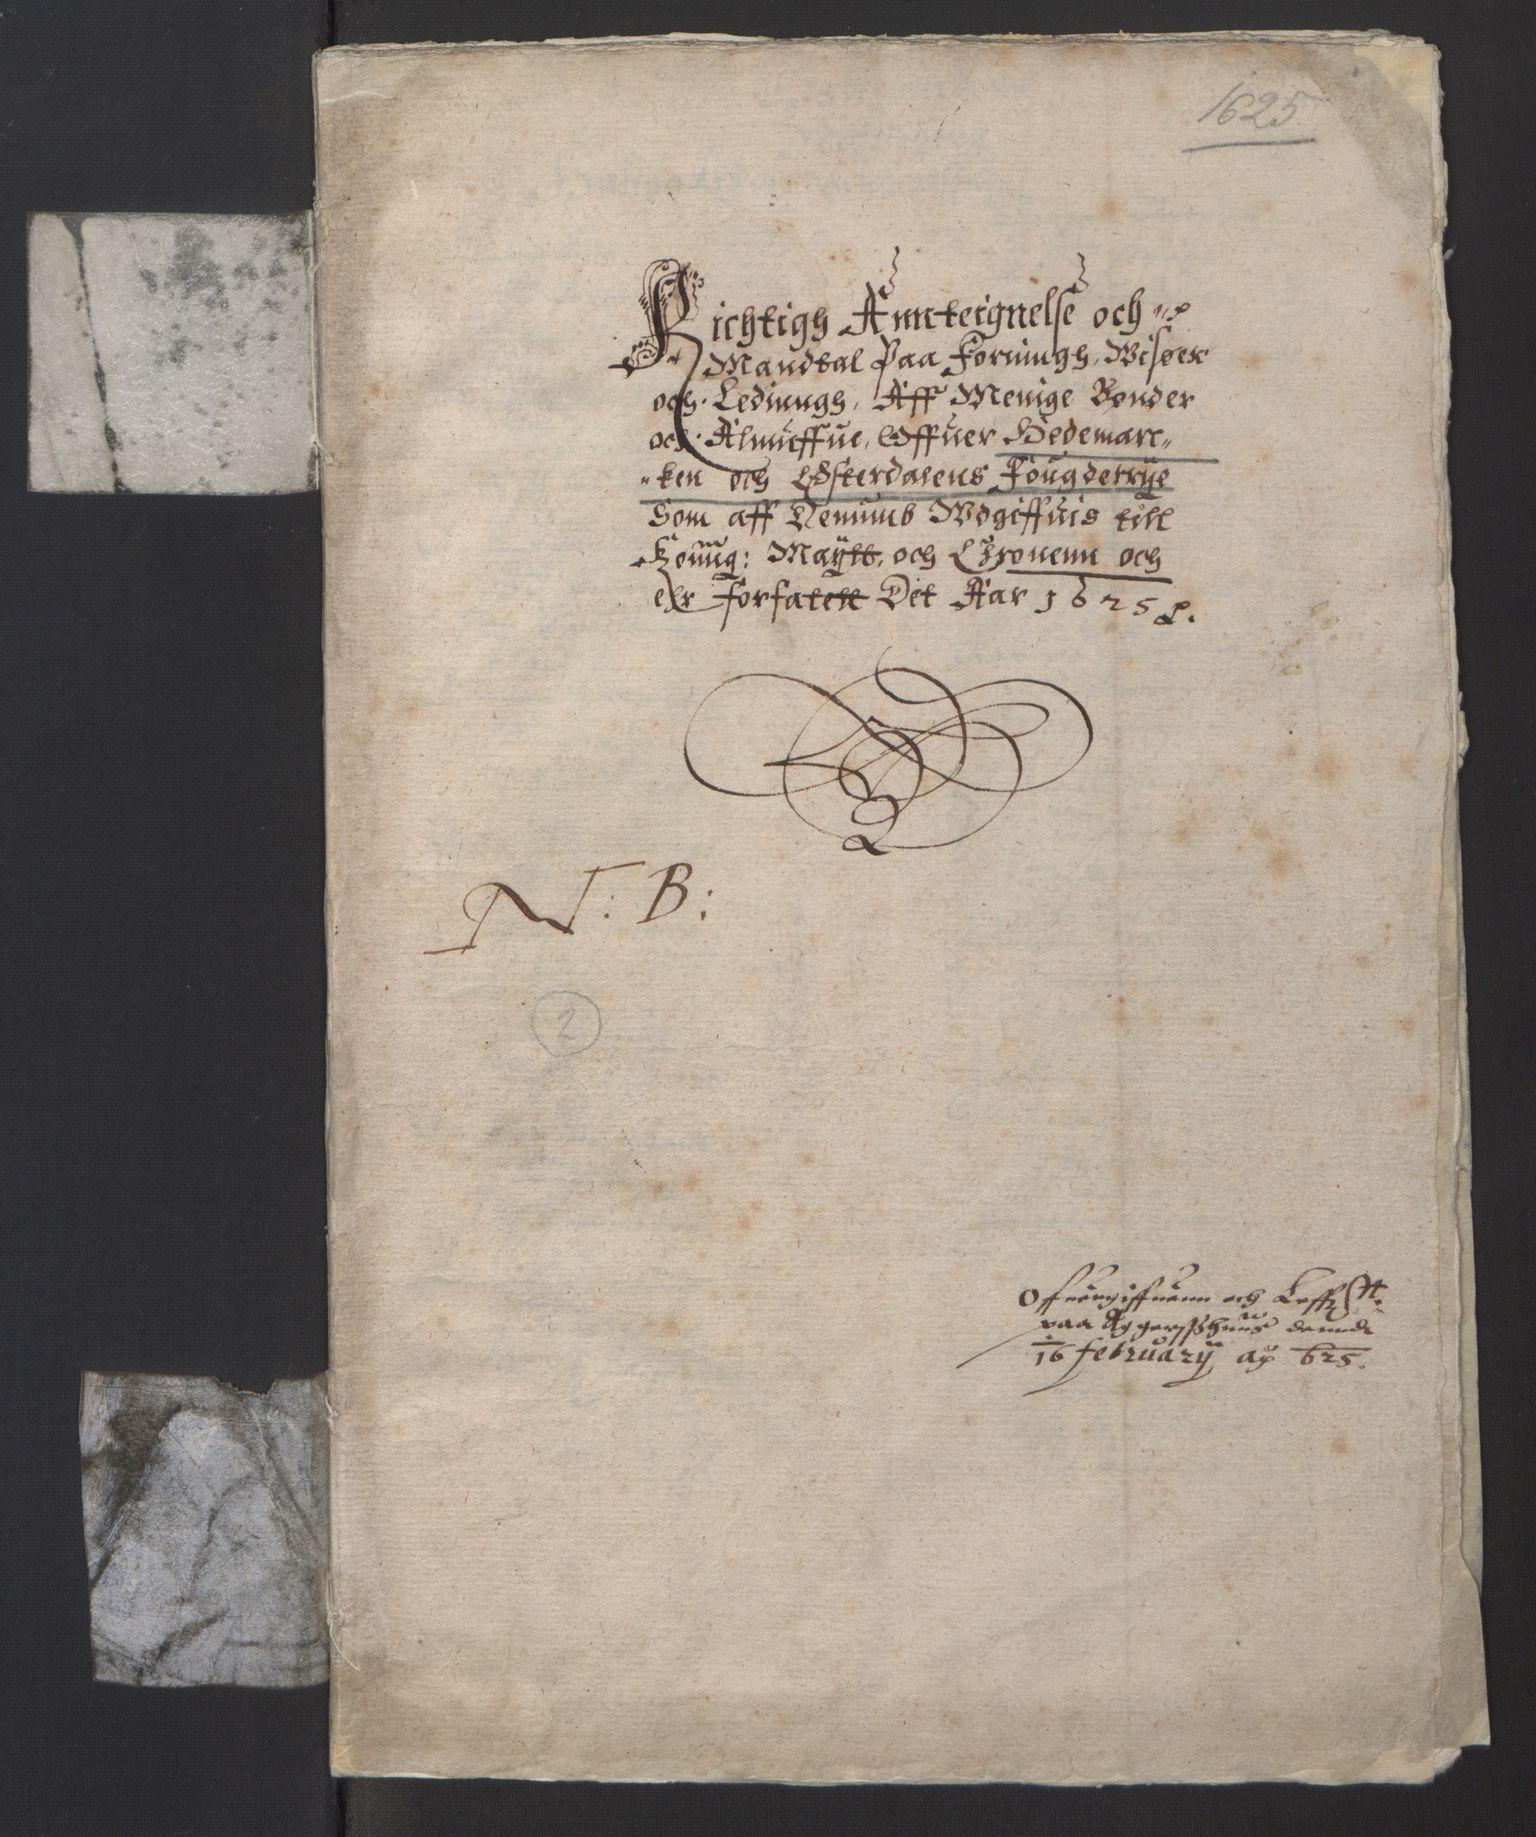 RA, Stattholderembetet 1572-1771, Ek/L0001: Jordebøker før 1624 og til utligning av garnisonsskatt 1624-1626:, 1624-1625, s. 42